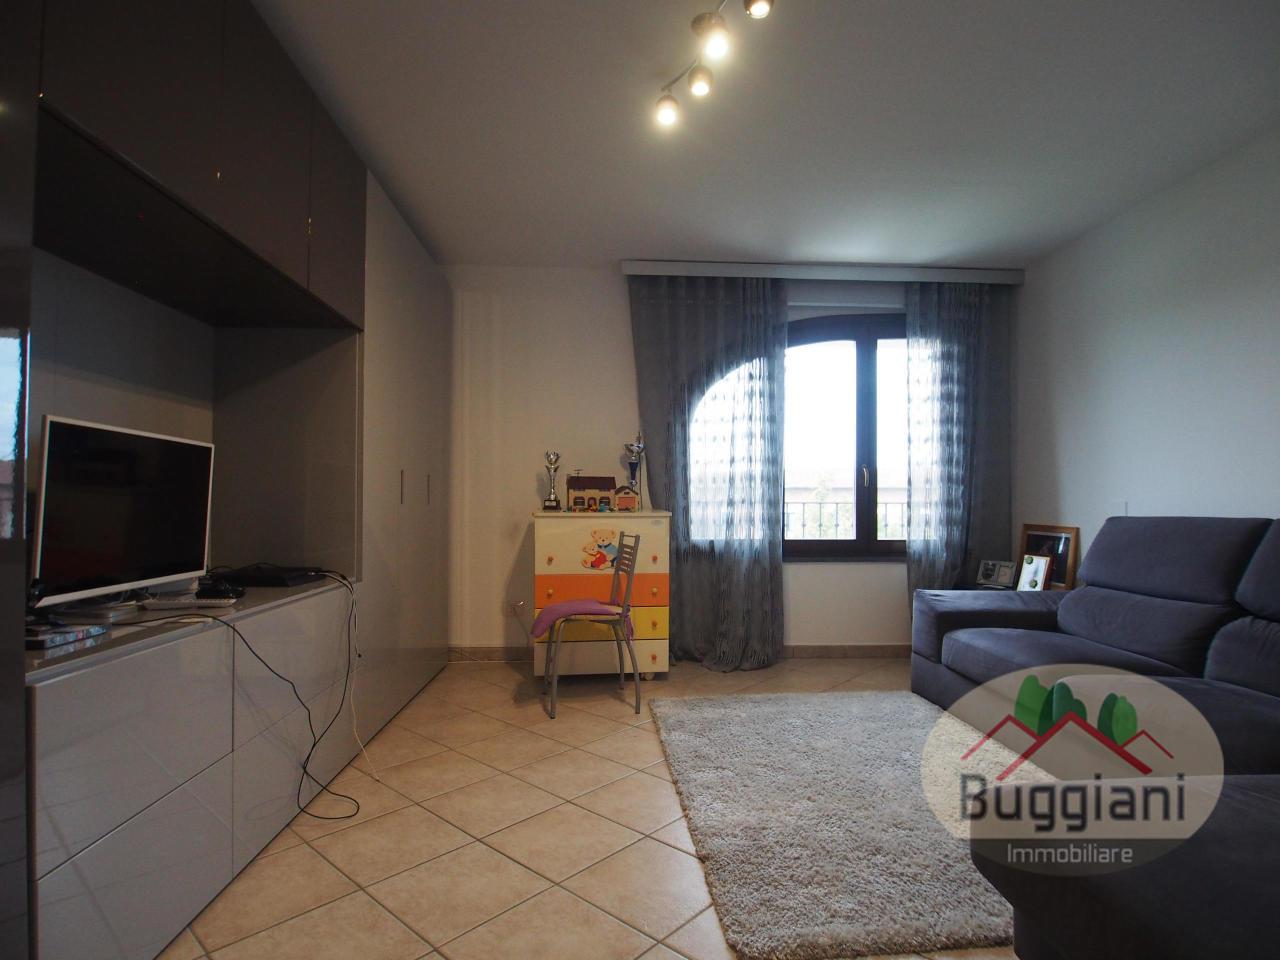 Terratetto in vendita RIF. 2209, San Miniato (PI)